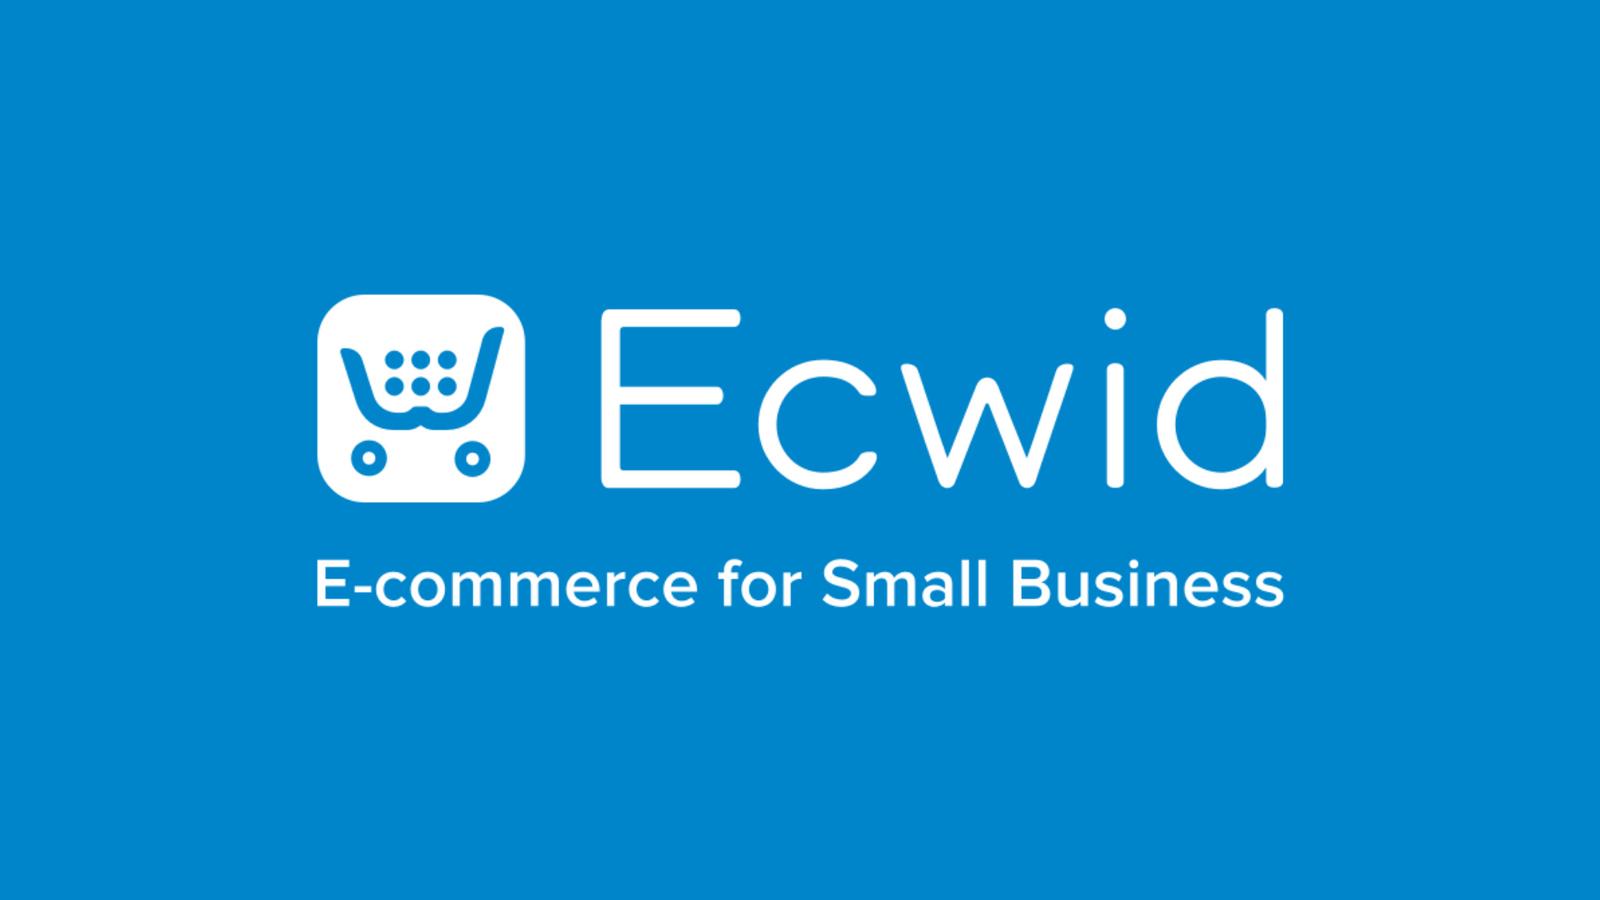 Ecwid.com